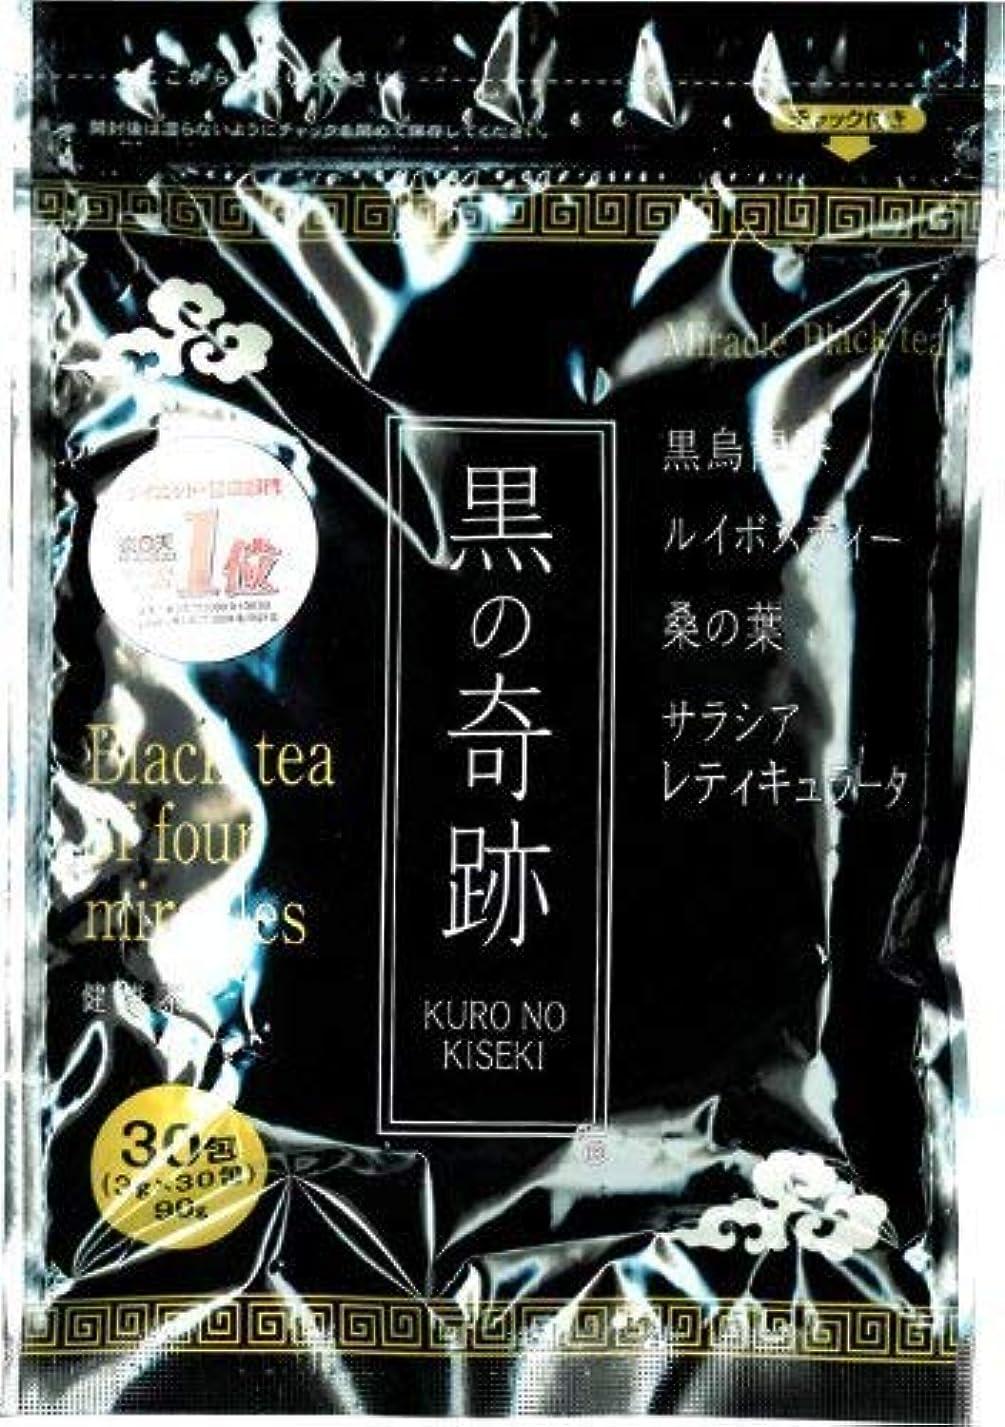 無礼にパラシュートリサイクルする黒の奇跡 (30包入) 1袋